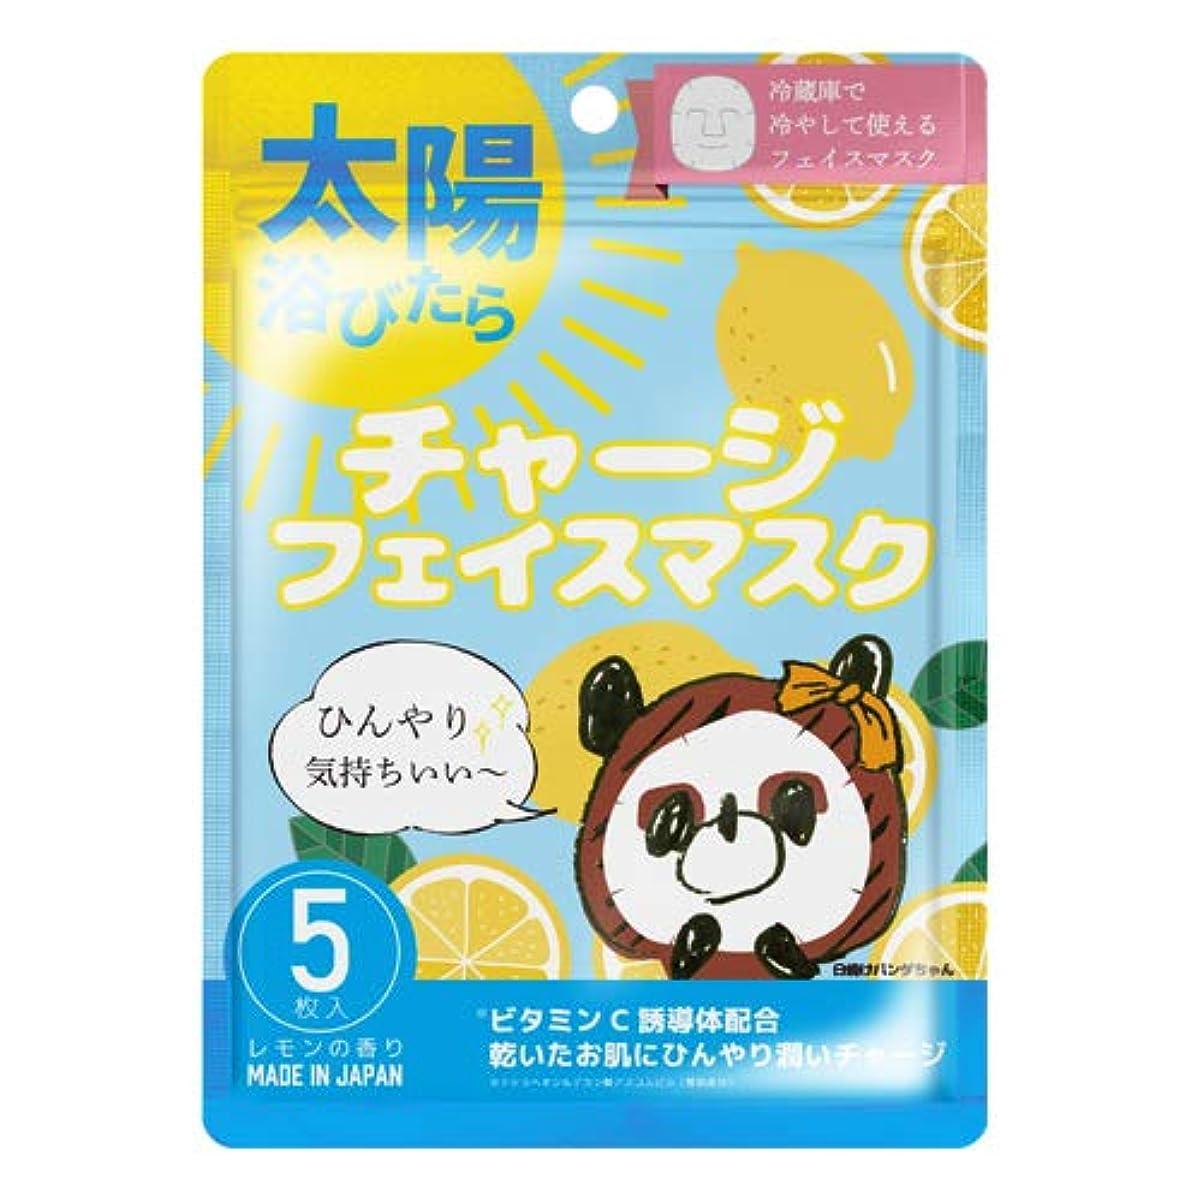 豊富にトークン然としたチャージフェイスマスク Charge Face Mask / 美容 フェイスマスク 日焼け 潤い レモン スキンケア